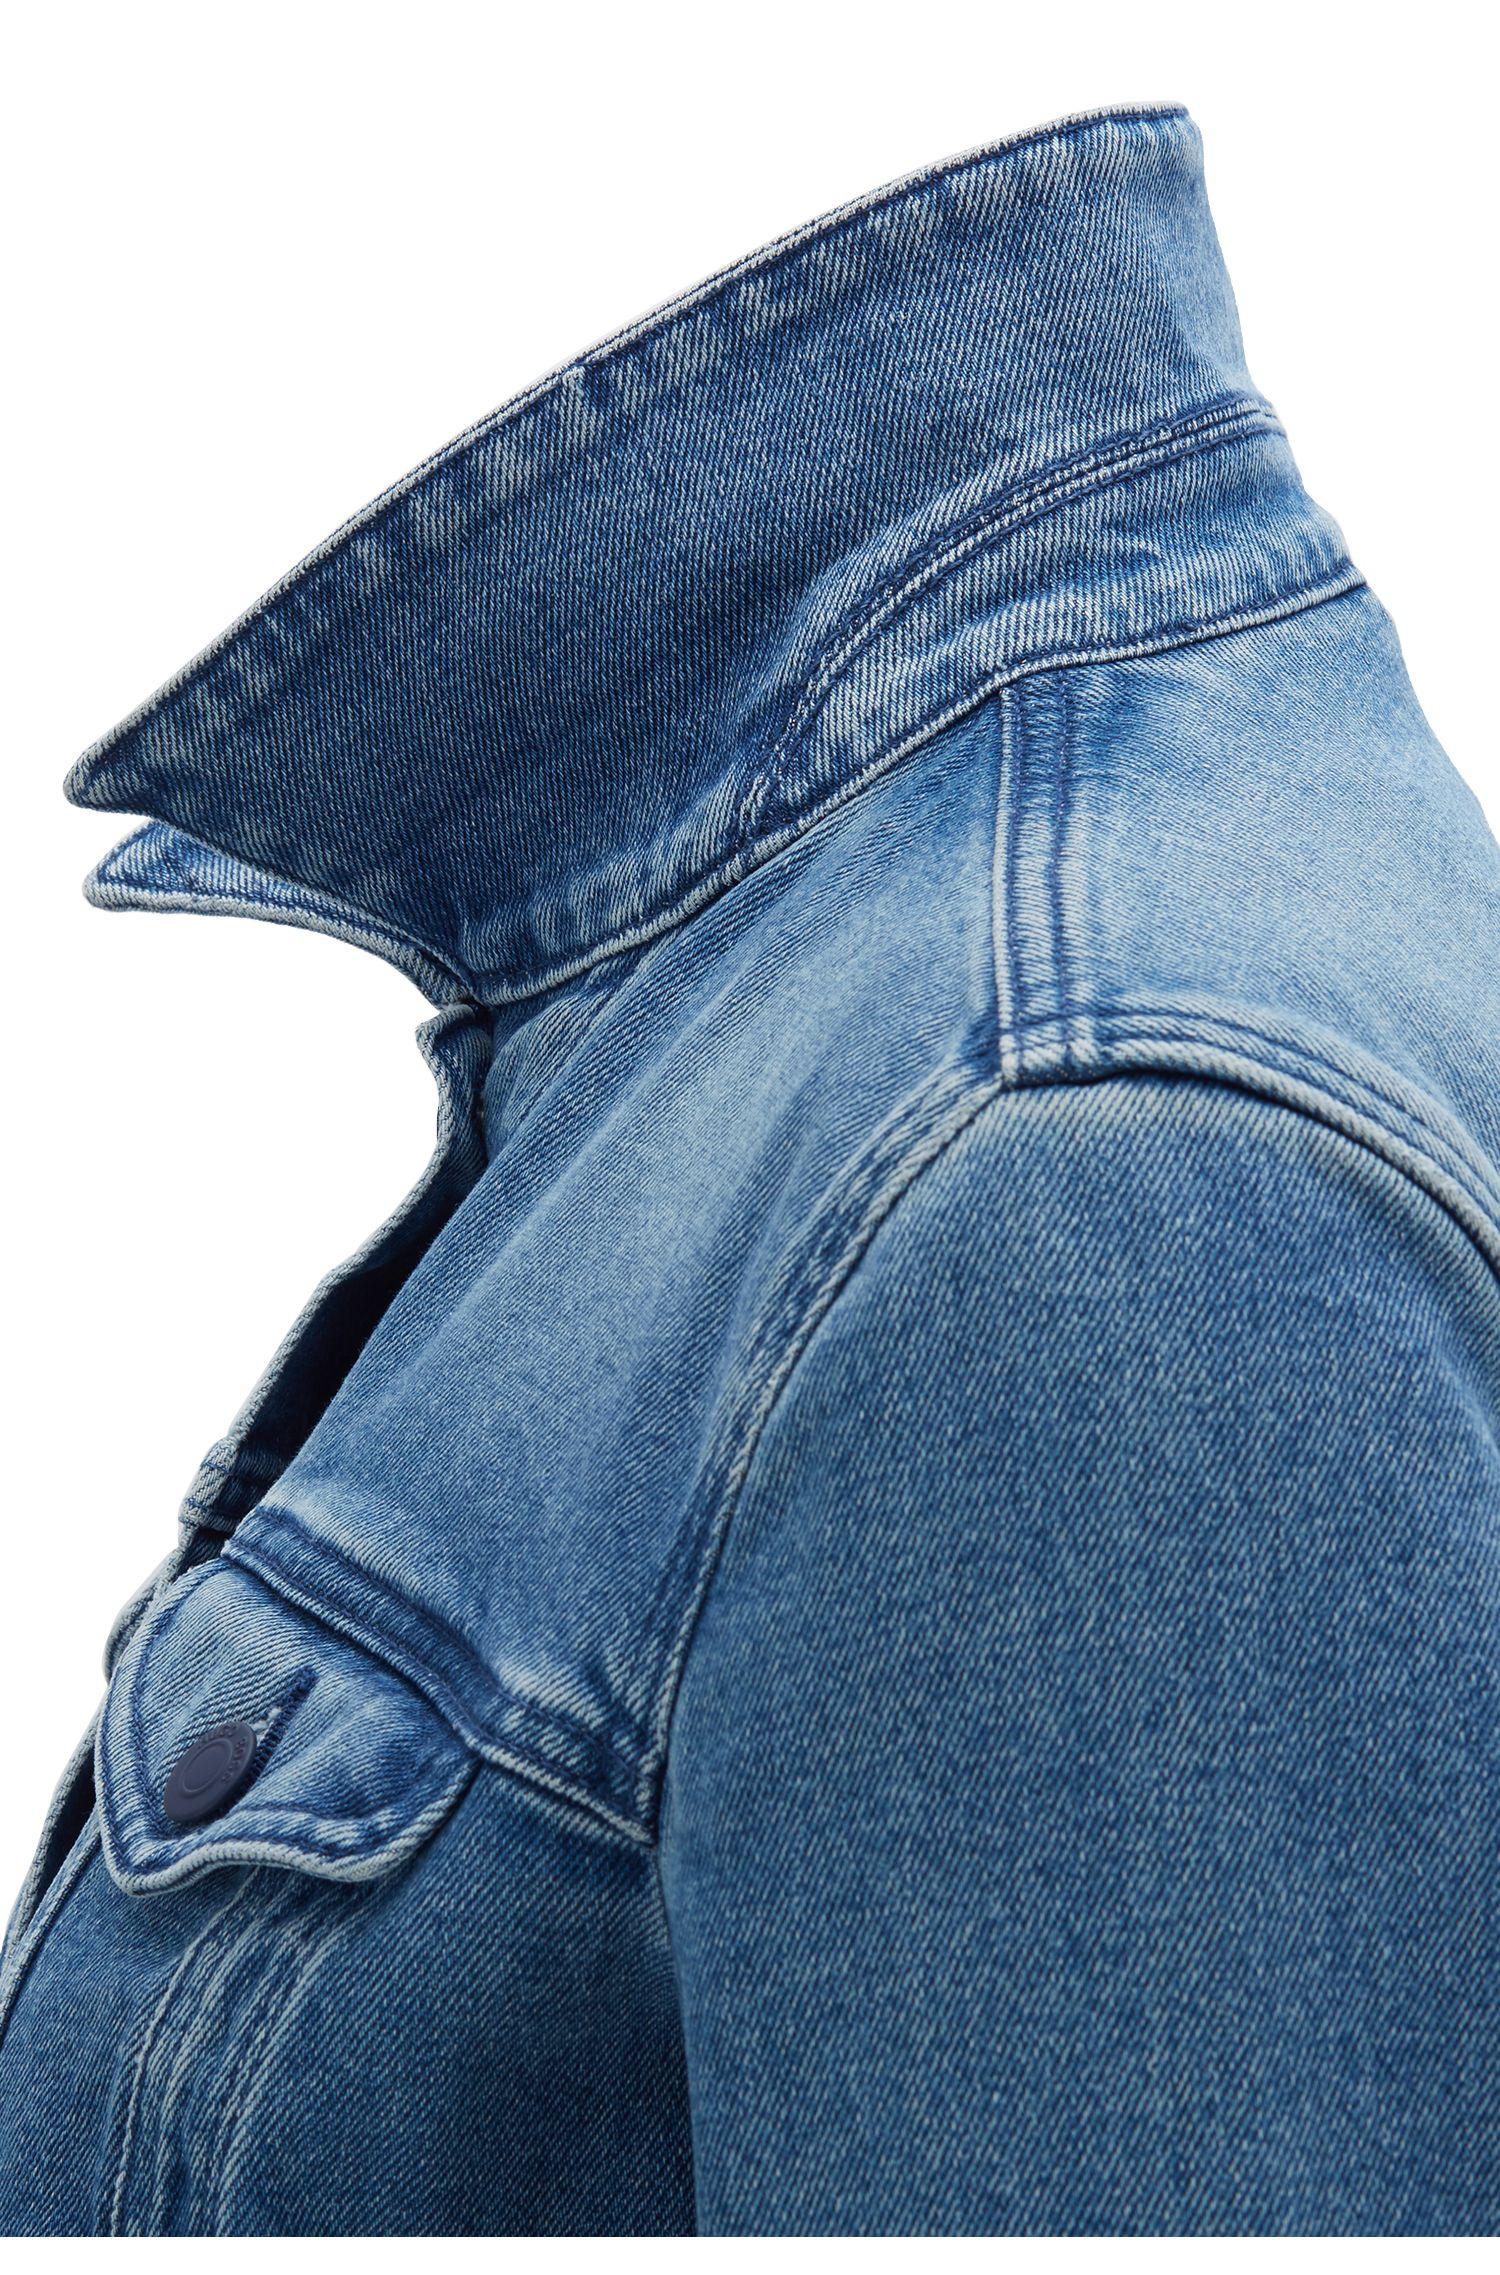 Jacke im Trucker-Stil aus Denim in Vintage-Optik, Blau